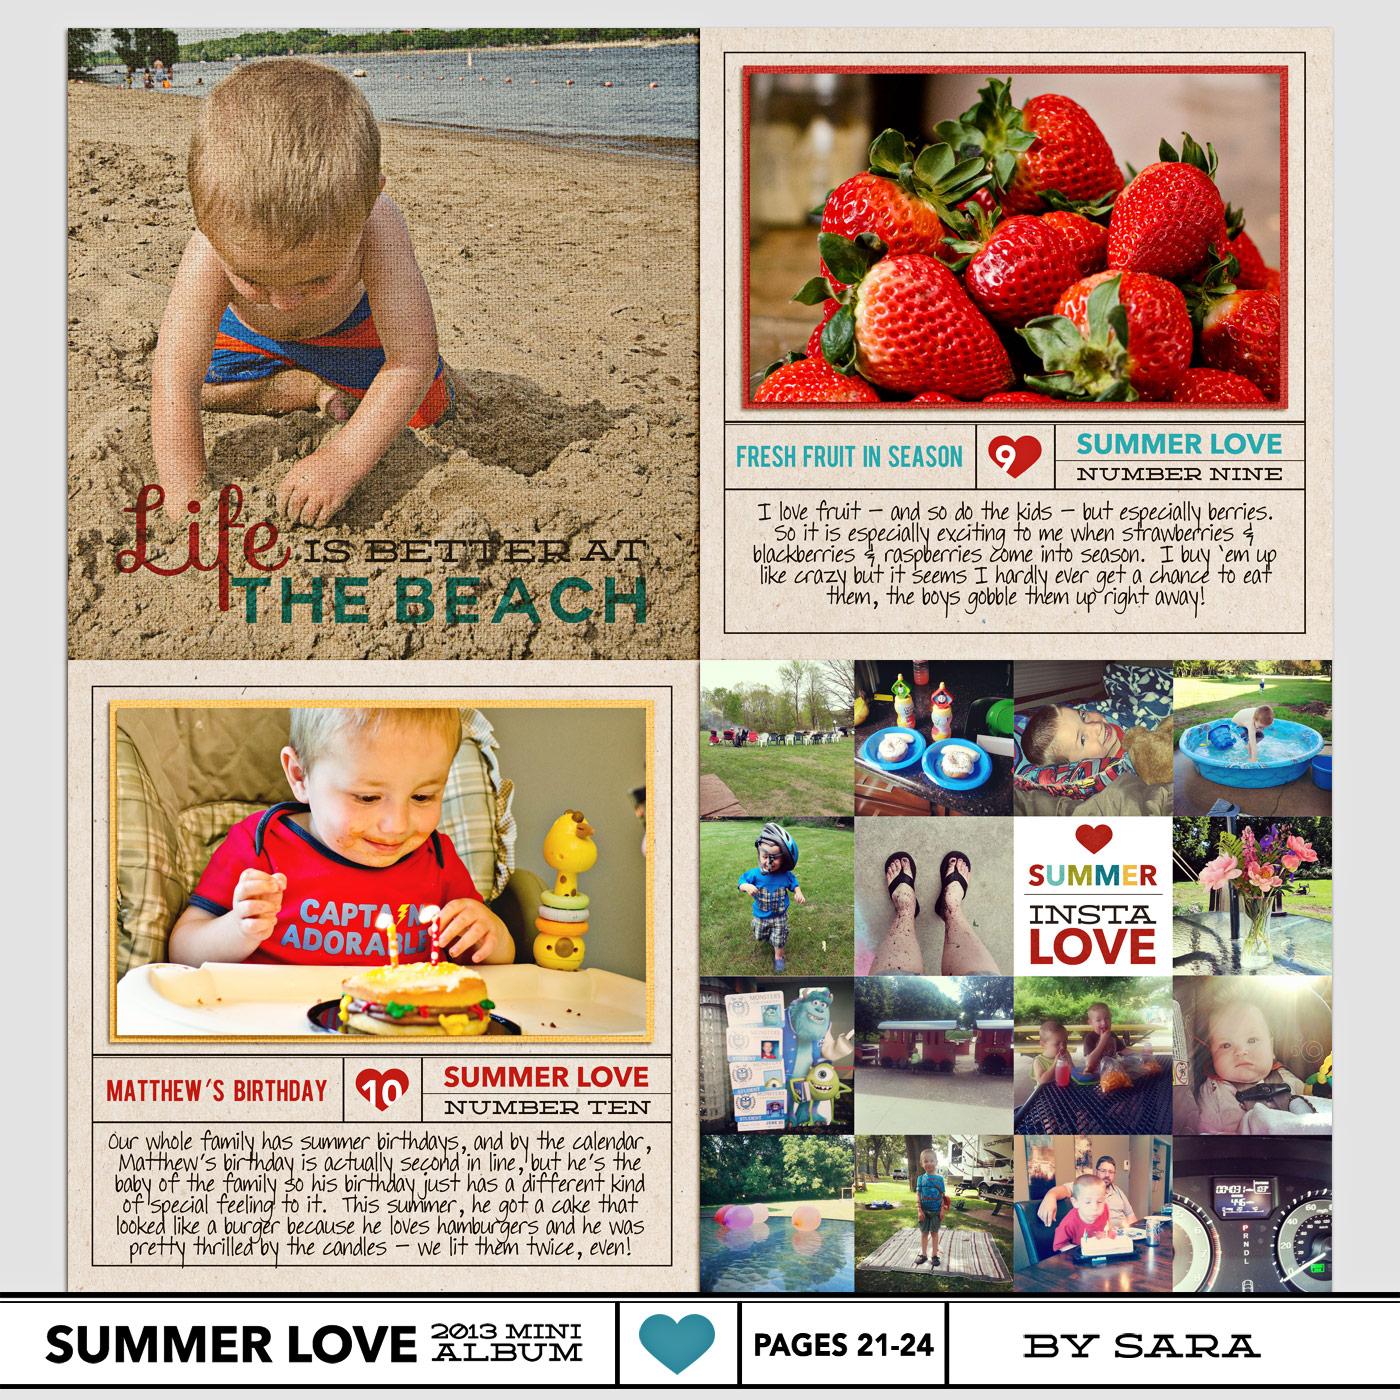 nettiodesigns_SummerLove-pg21-24-sara